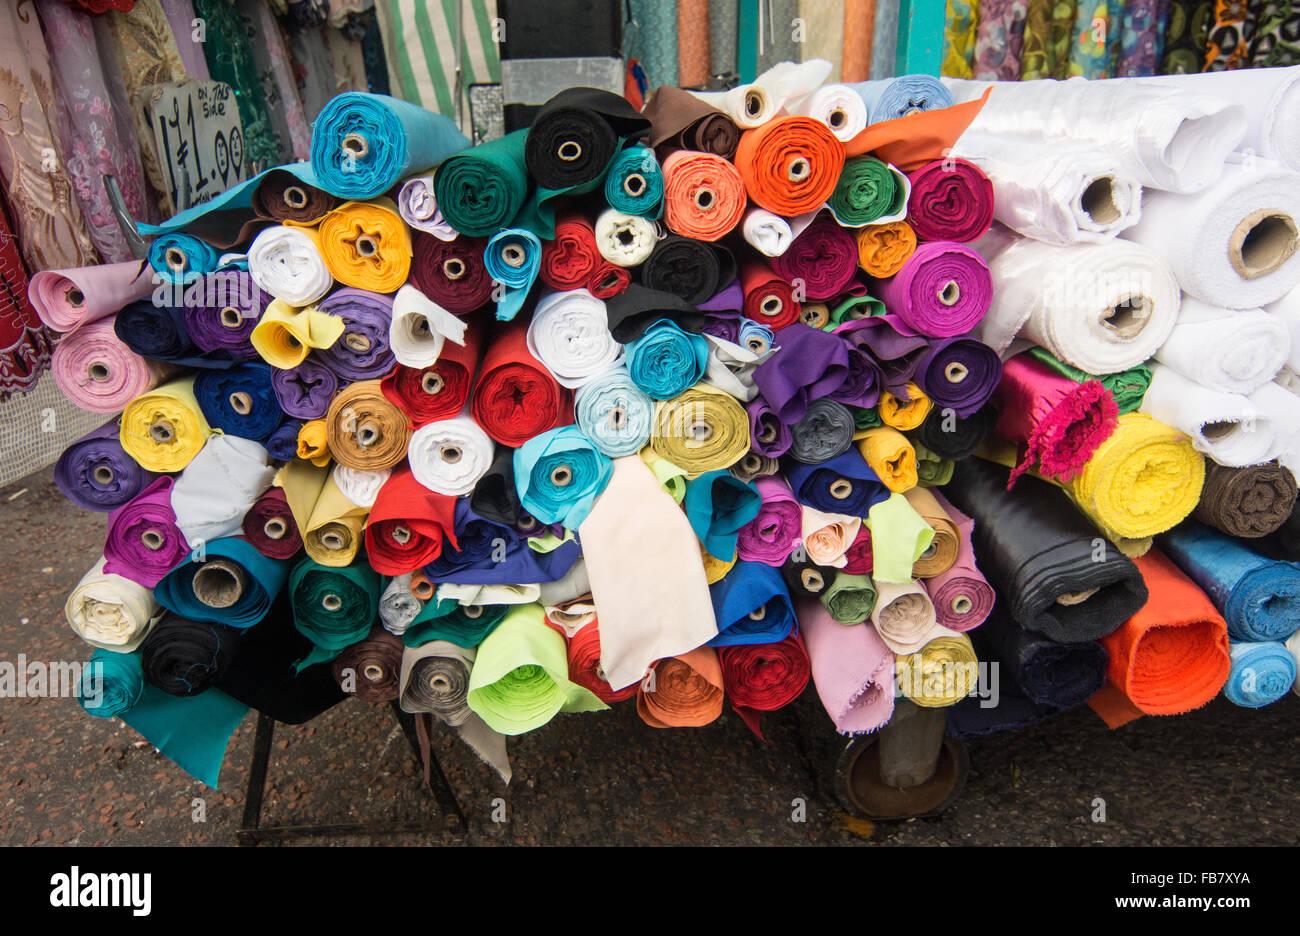 Los rollos de material. Los rollos de tela. Colores. el material coloreado. Imagen De Stock